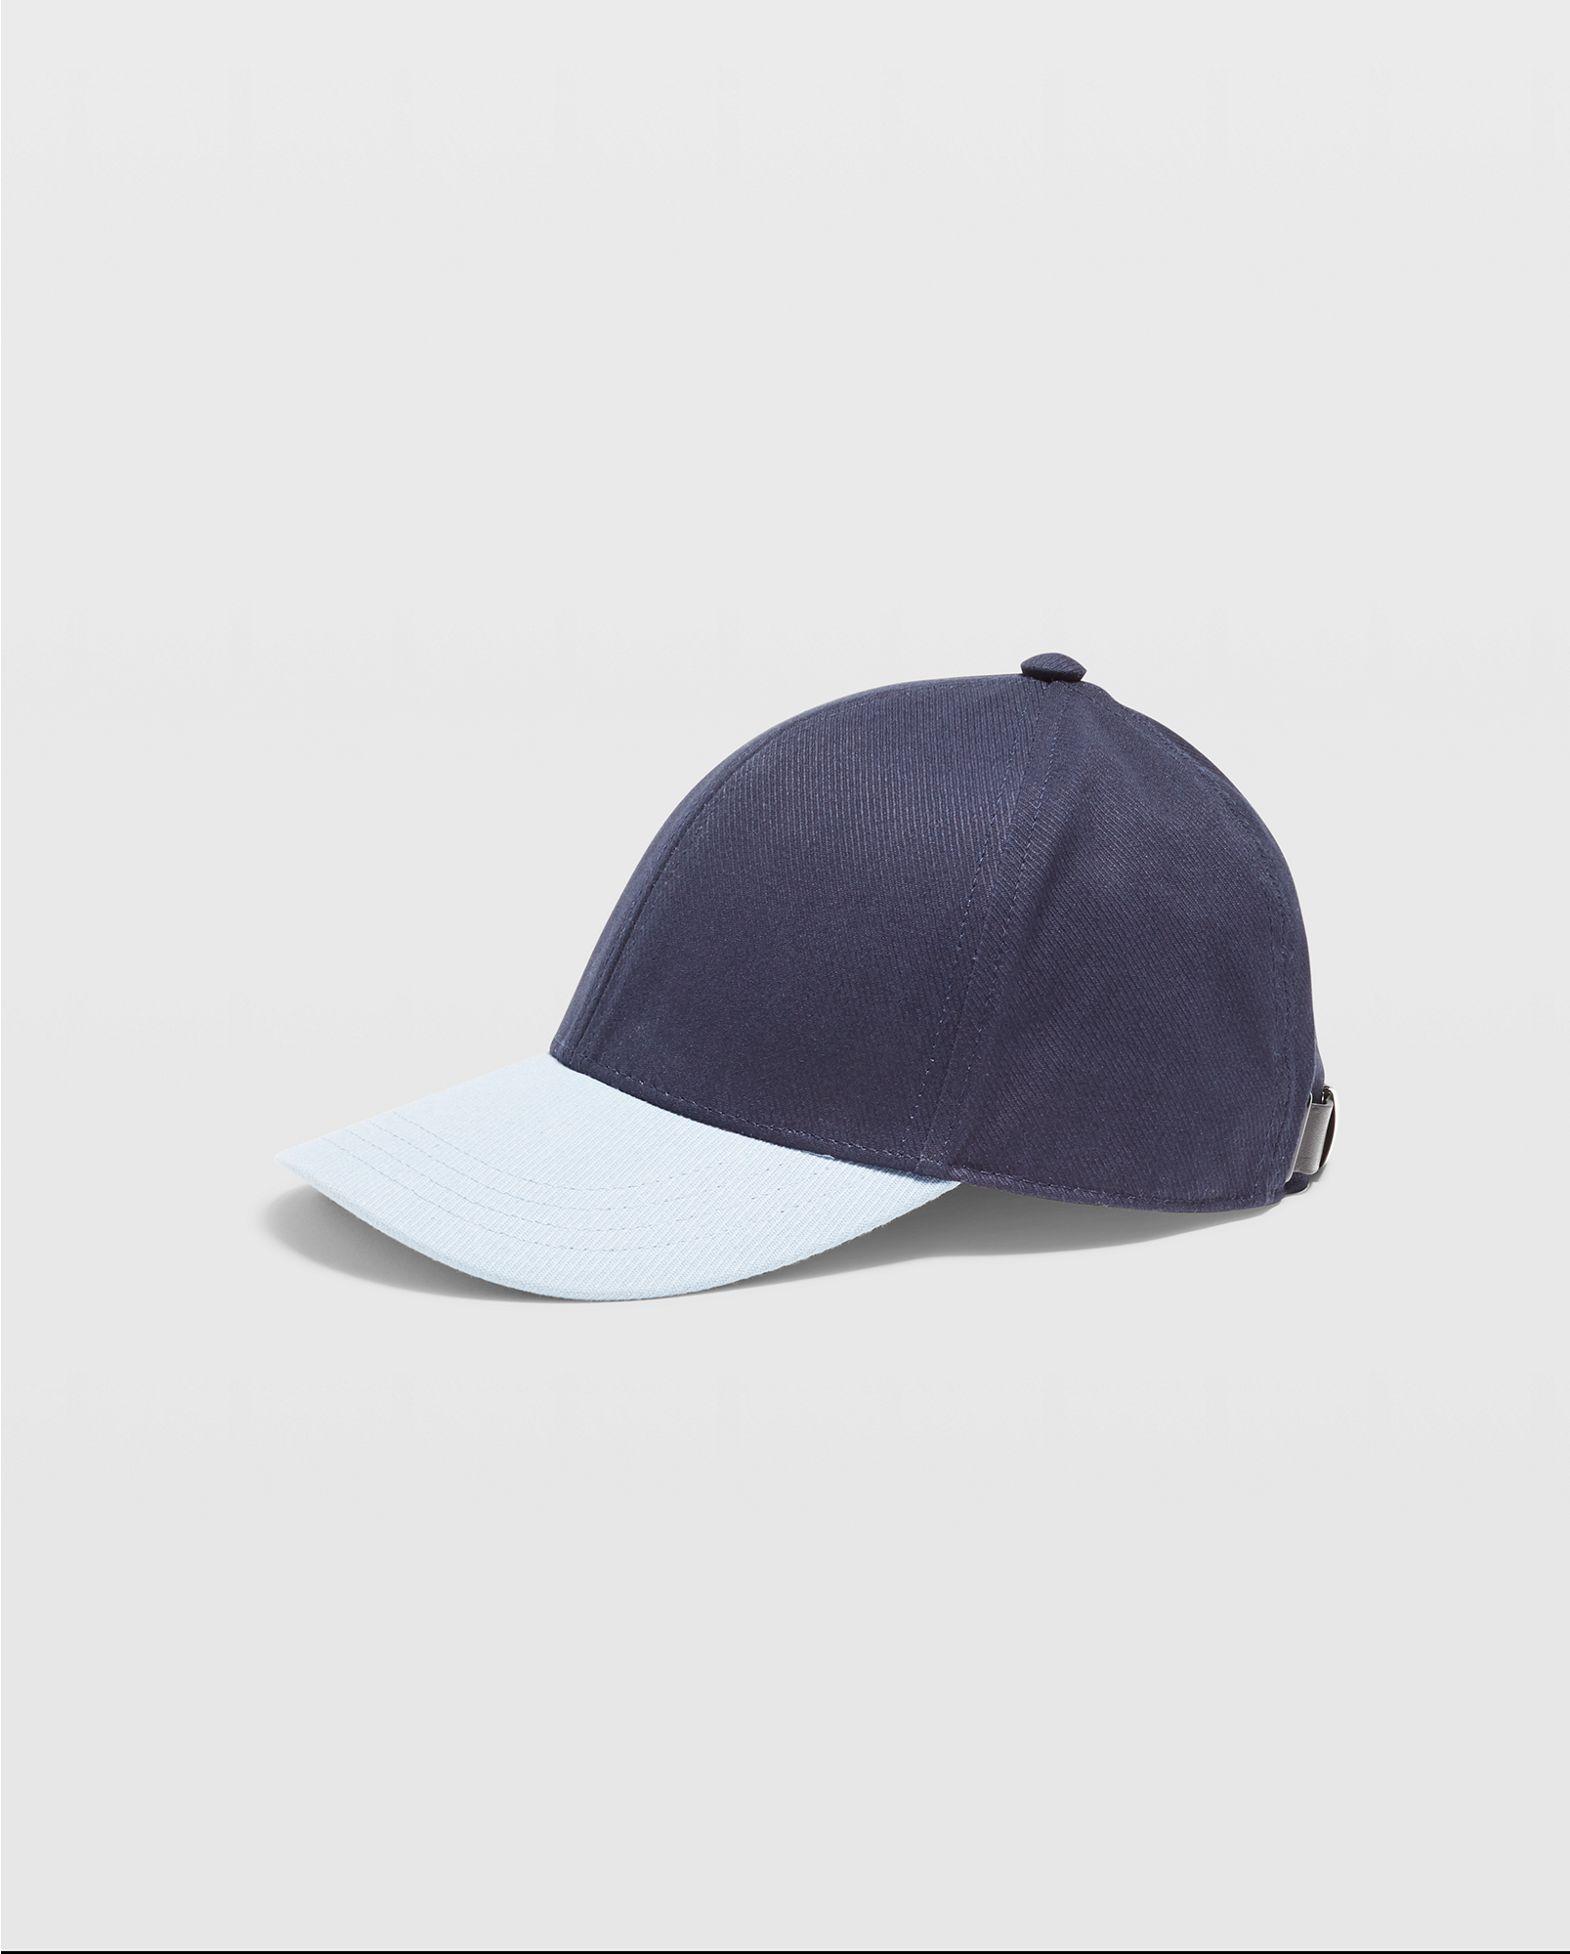 CLUB MONACO Colorblock Twill Hat